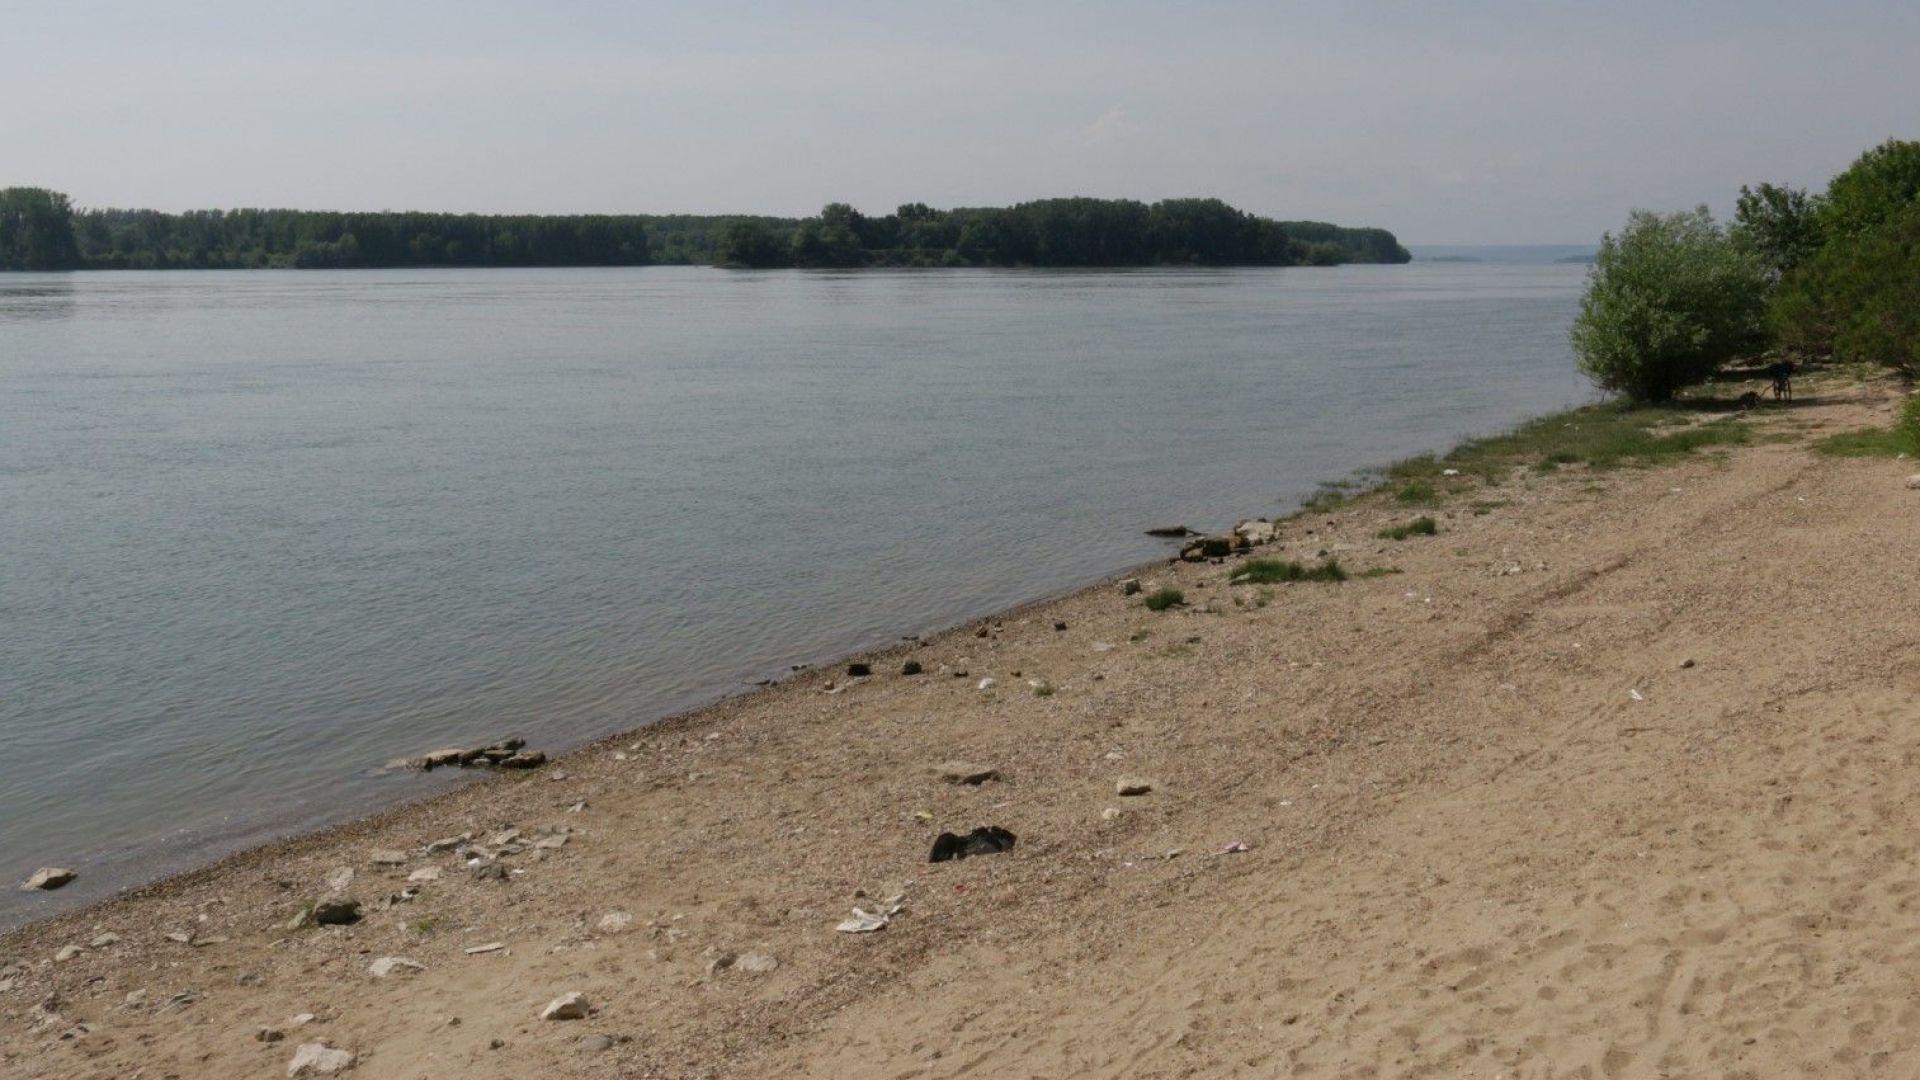 Петима нелегални мигранти са заловени при опит да преминат река